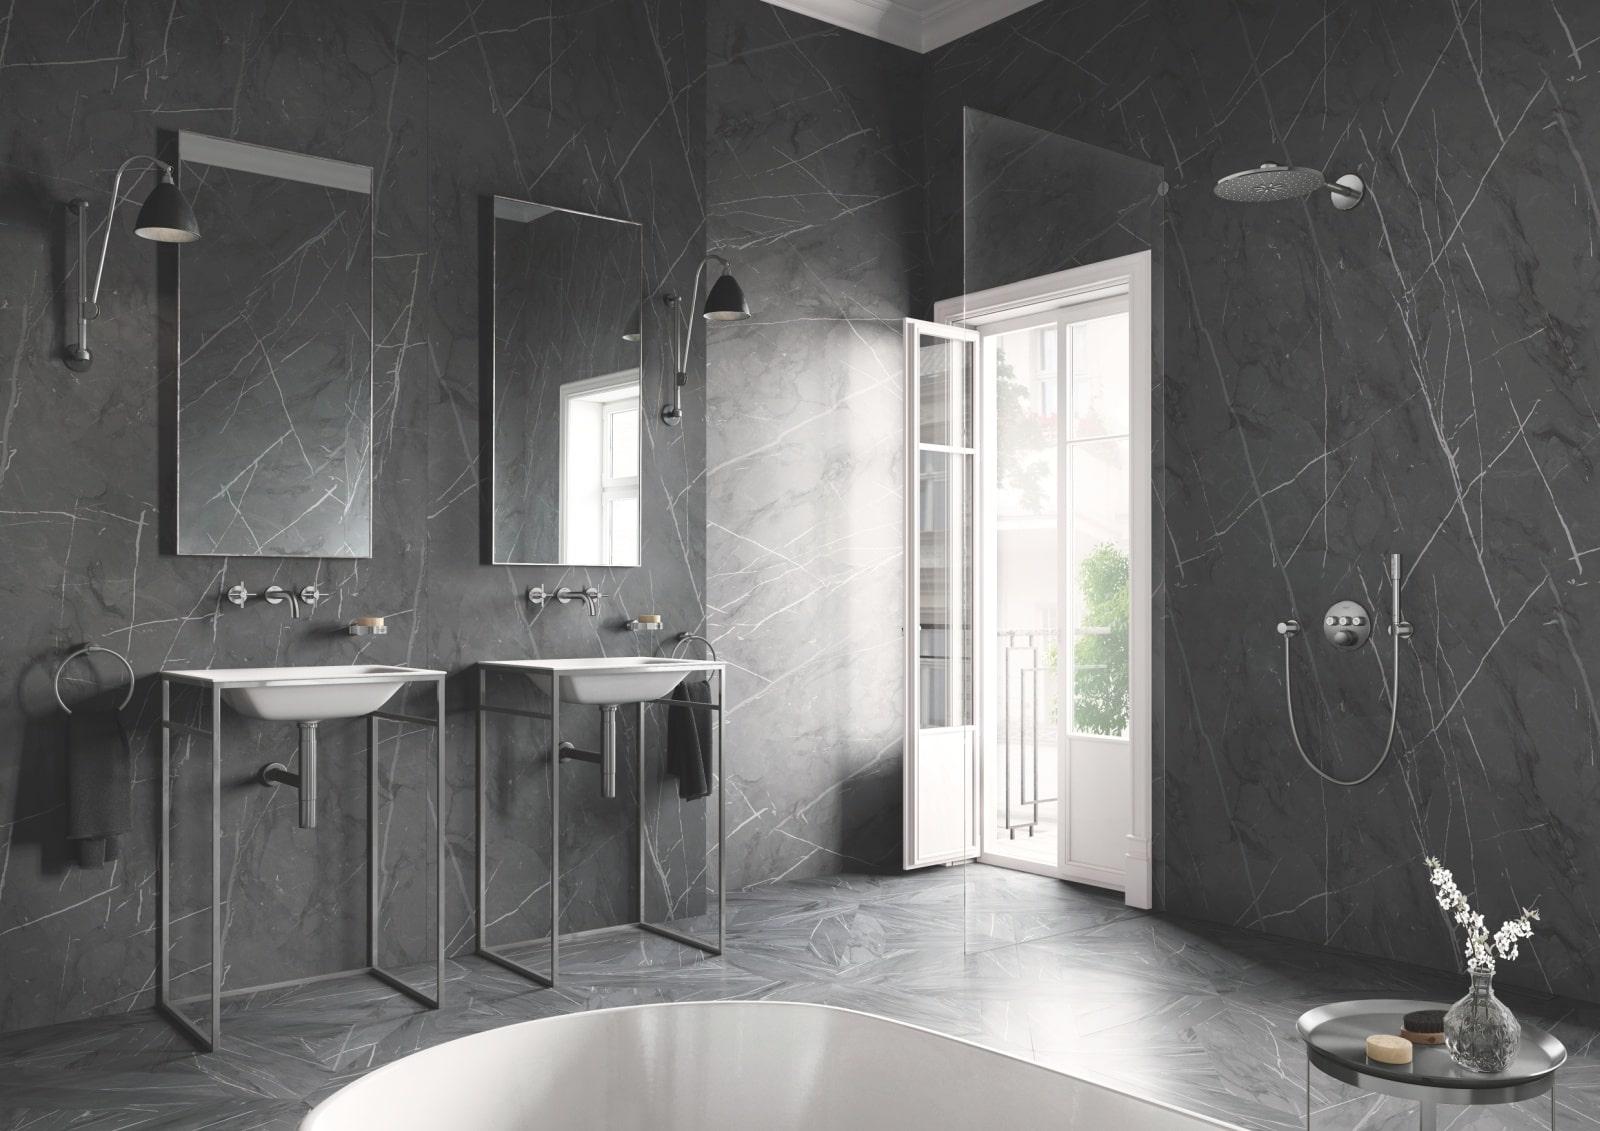 Łazienka wyposażona w armaturę łazienkową GROHE